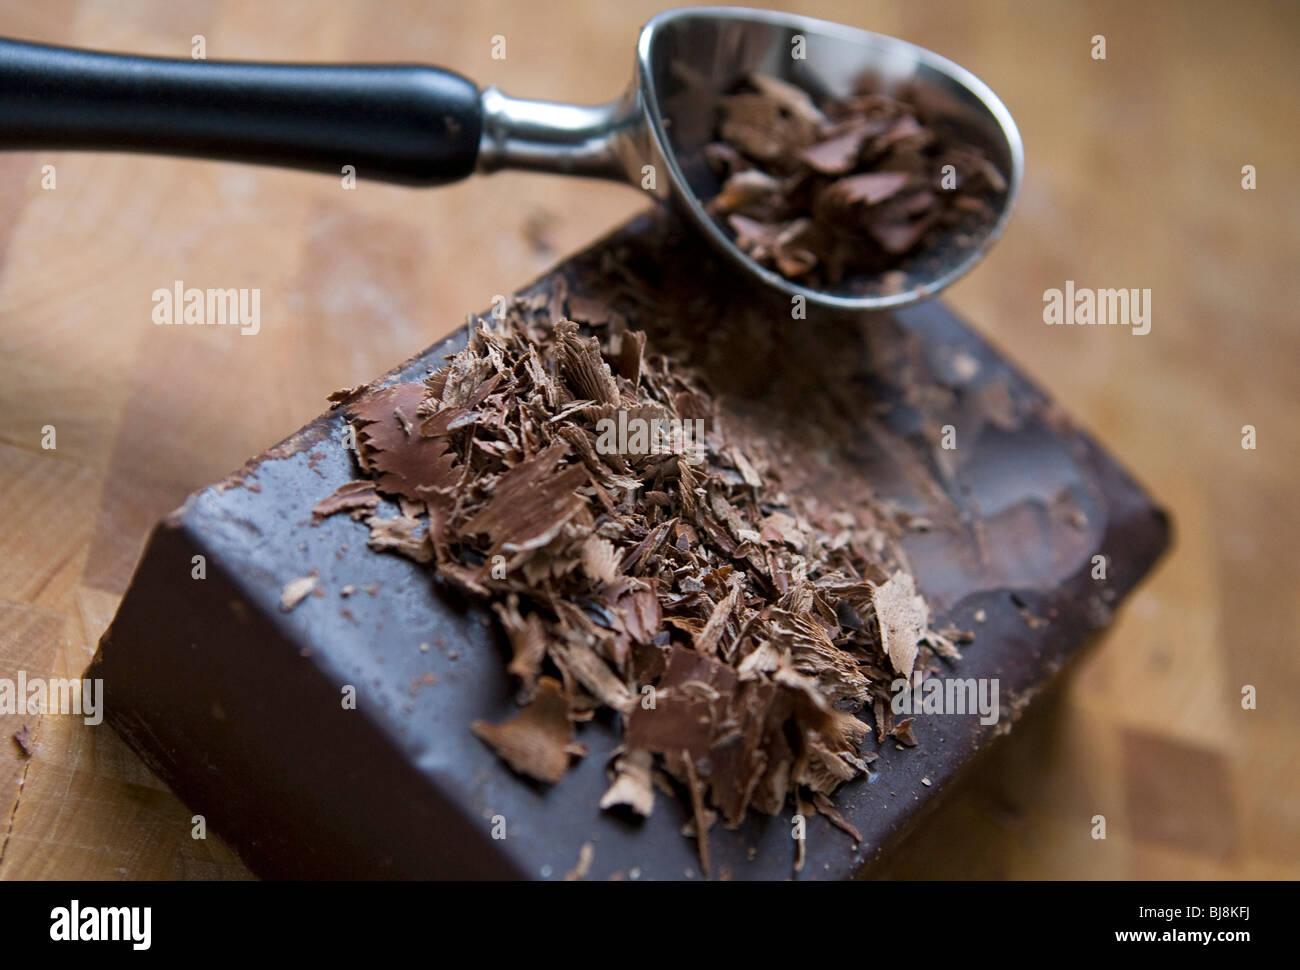 Ein Block von dunkler Schokolade und dunkle Schokolade Späne. Stockbild